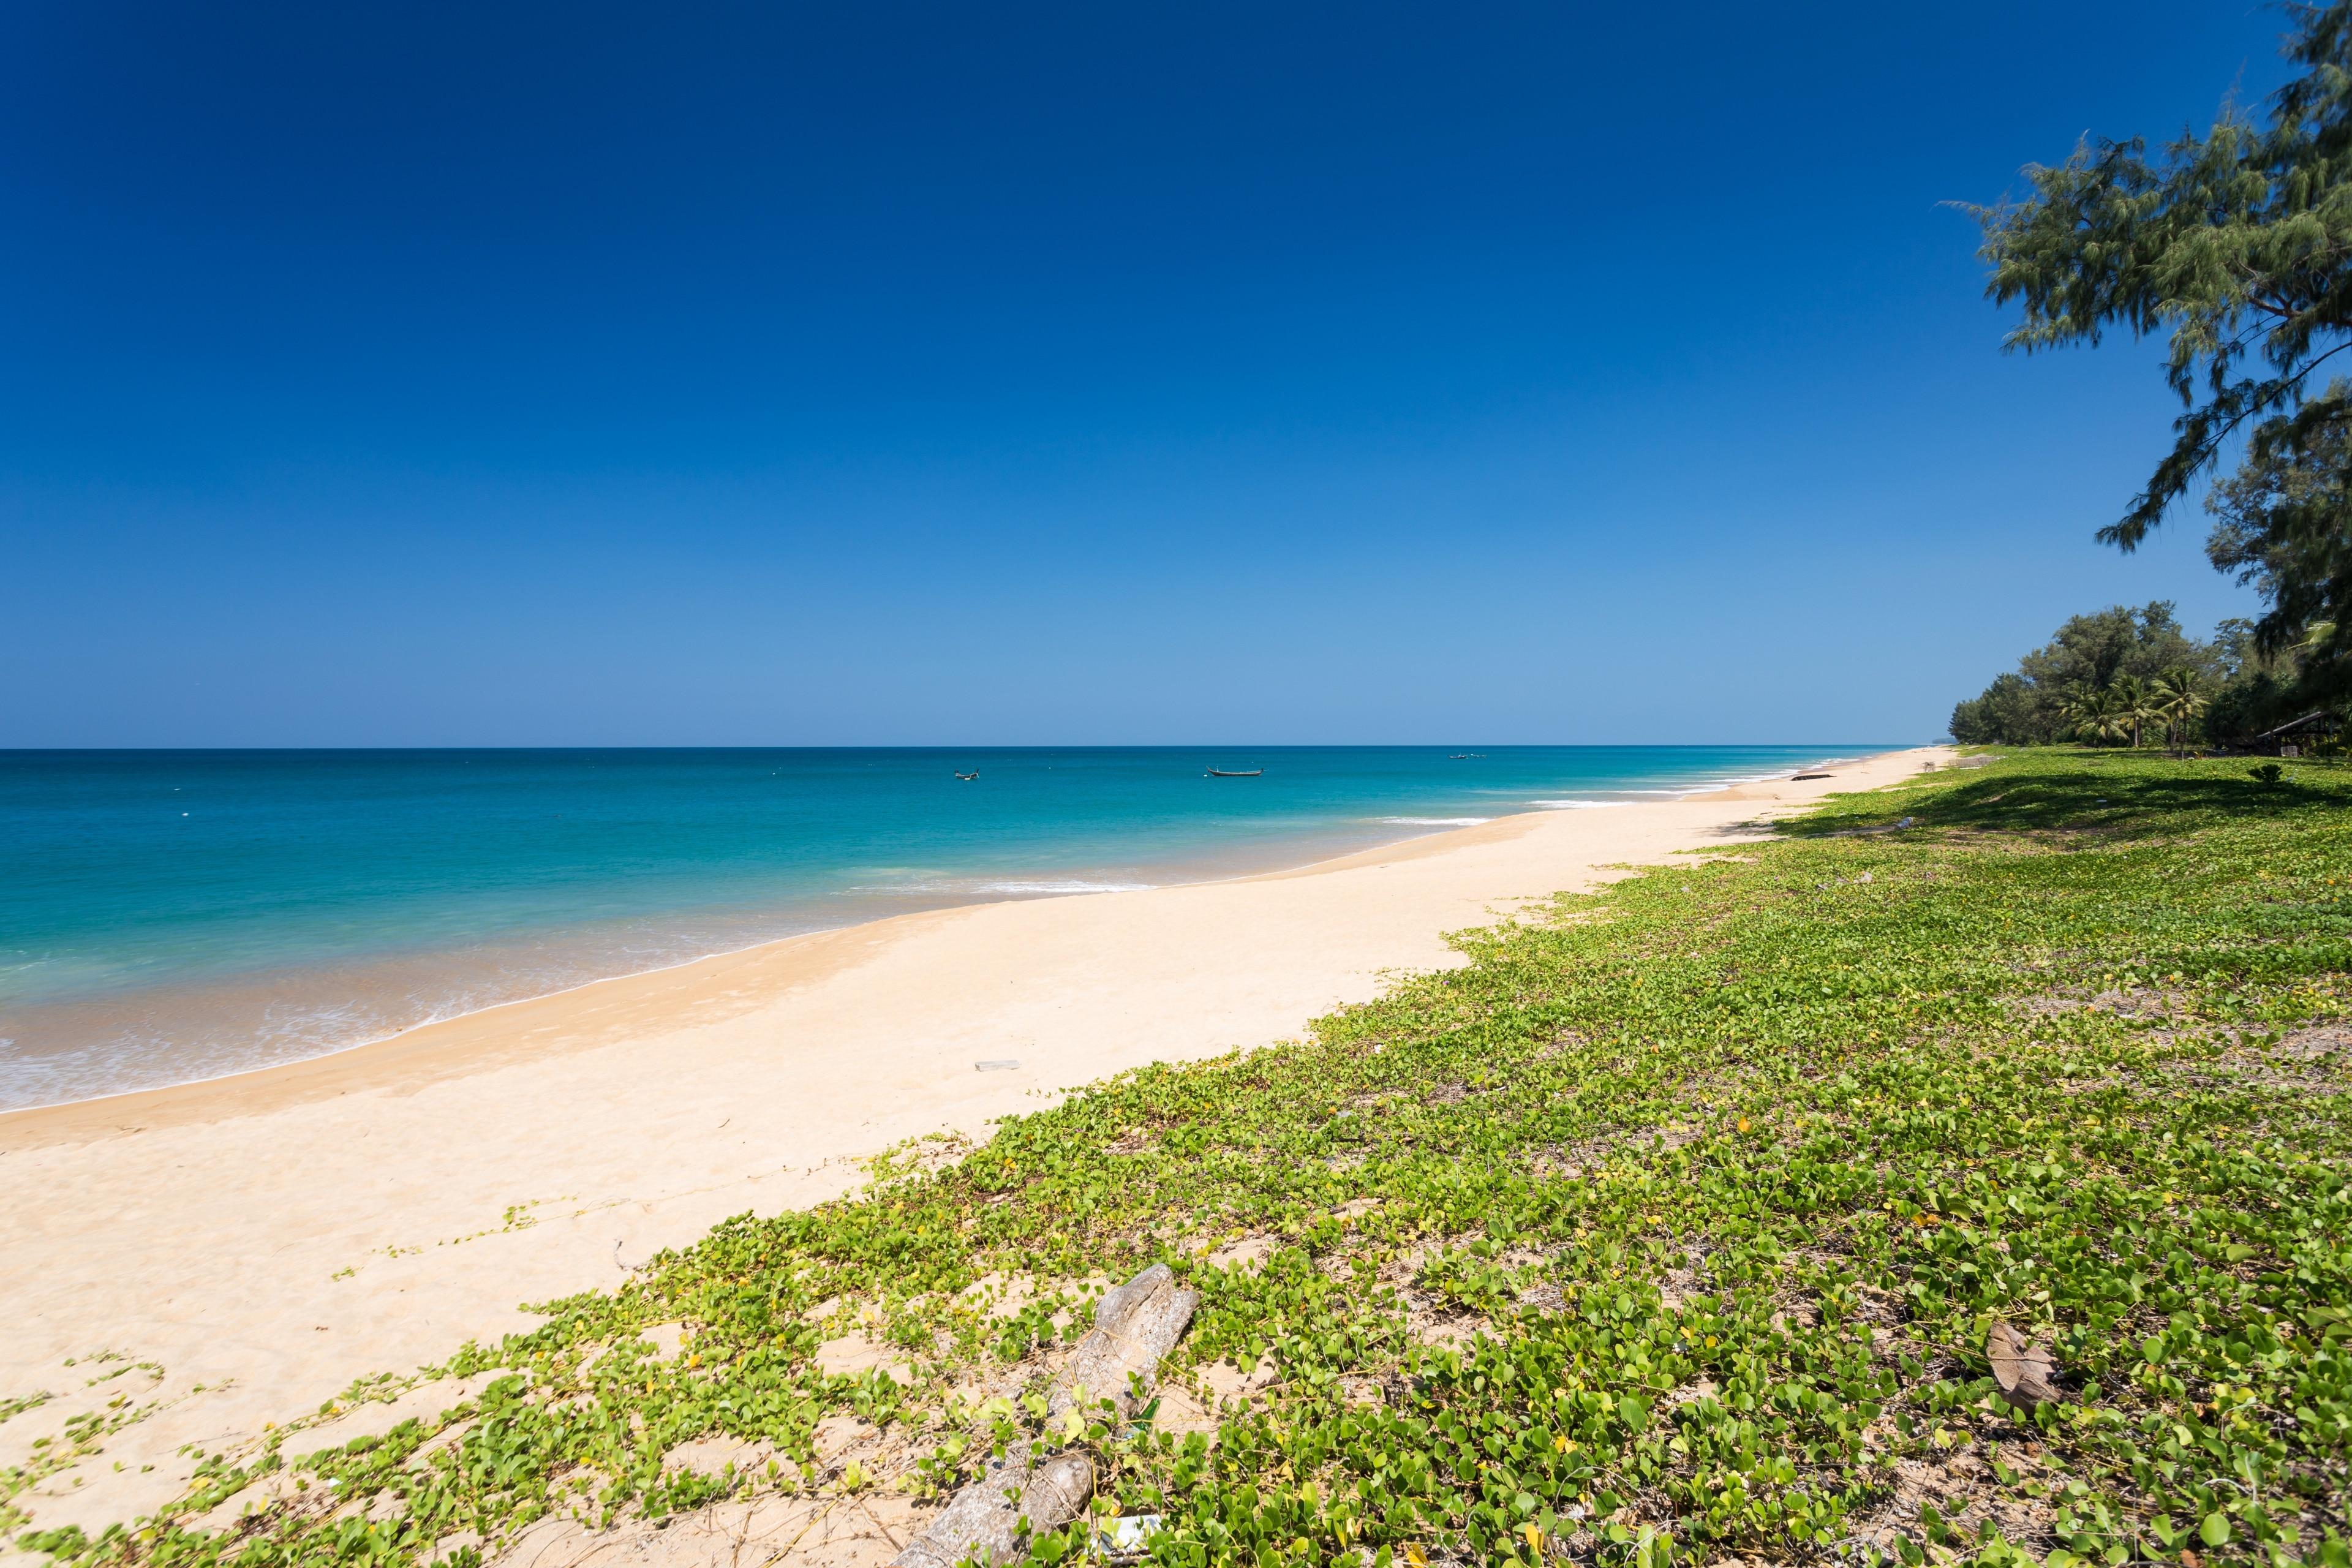 พักผ่อนอย่างสบายใจที่ หาดไม้ขาว เมื่อมีทริปไป ไม้ขาว เดินเลียบทะเลในย่านที่น่าผ่อนคลายแห่งนี้ หรือตื่นตาตื่นใจกับพระอาทิตย์ตกก็ประทับใจไปอีกแบบ